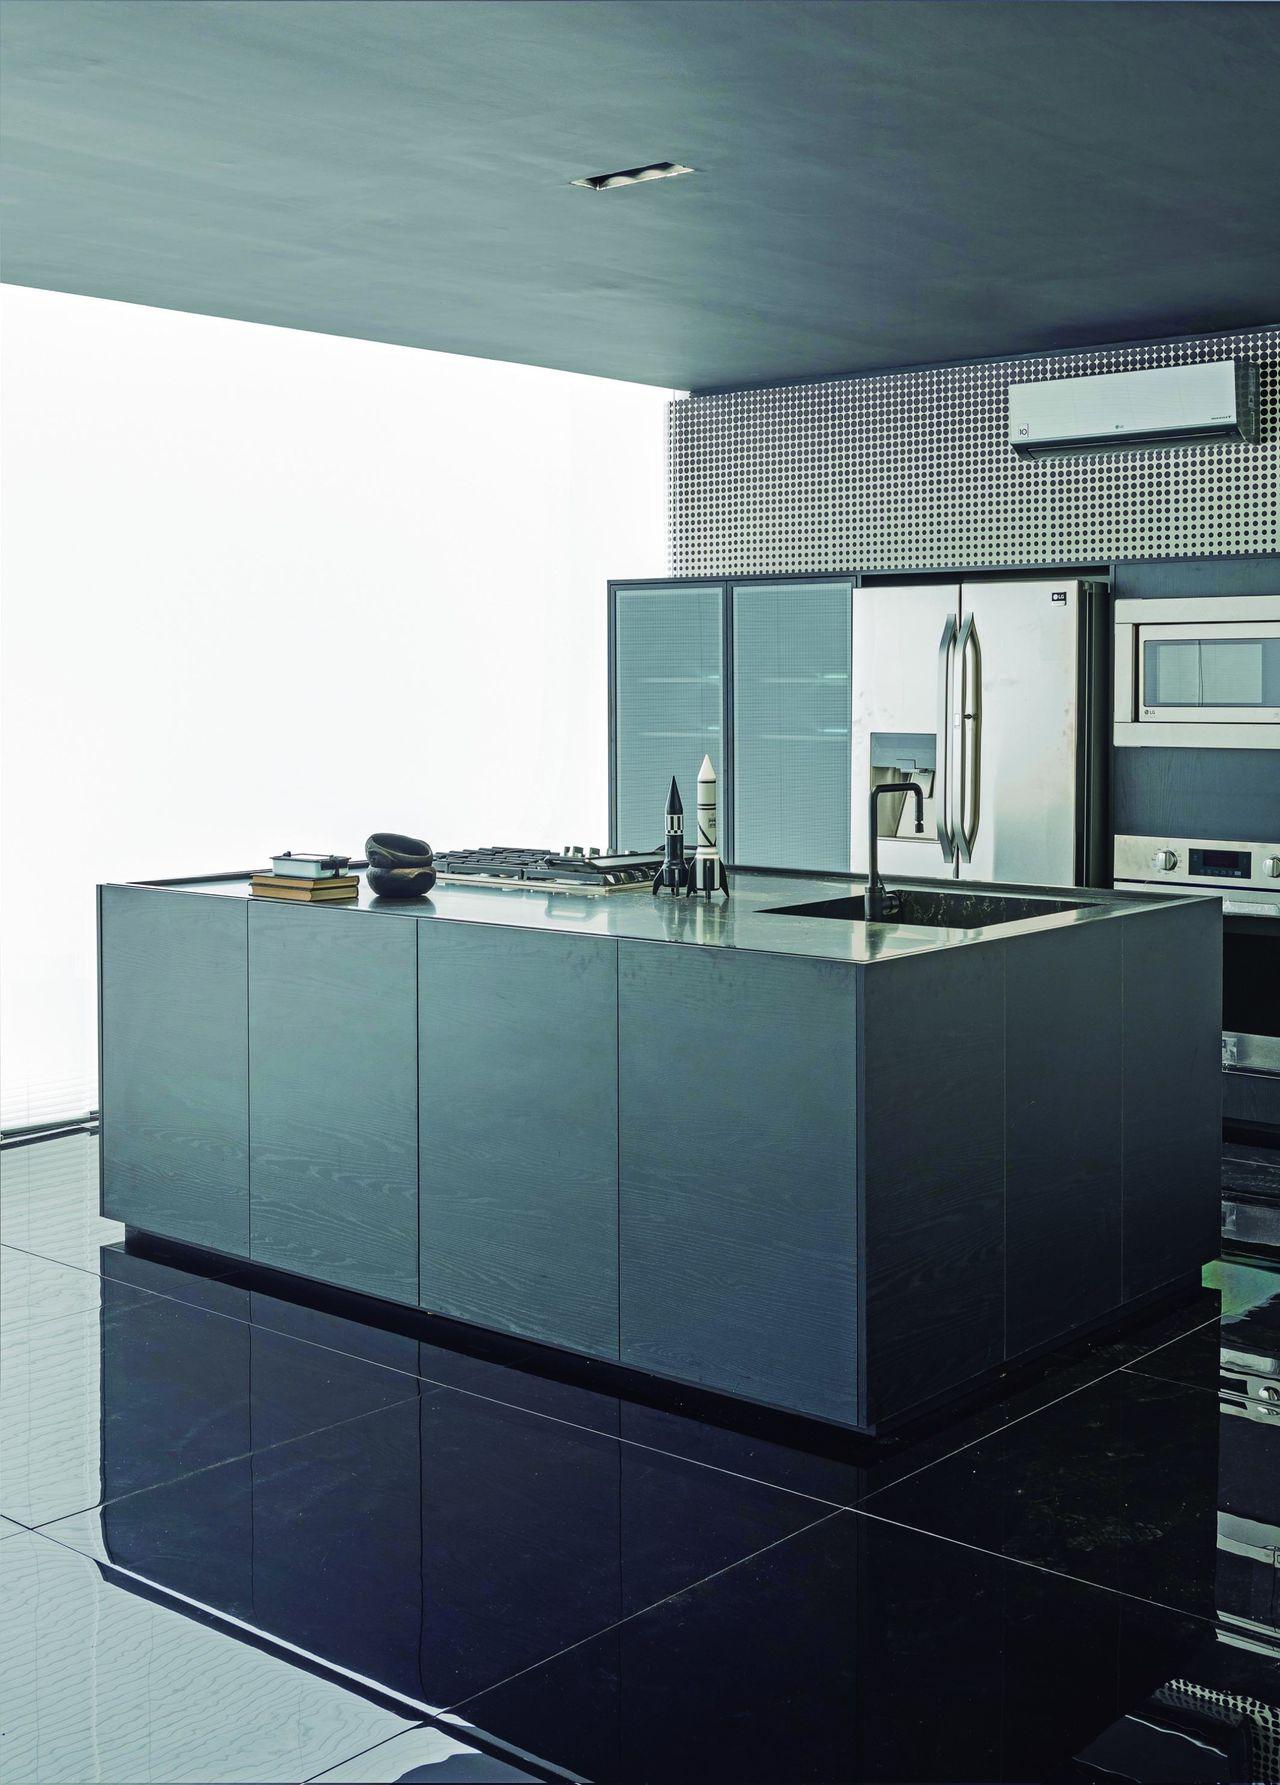 Cozinha Preta E Branca Com Ilha Preta E Pia De L O Shehtman 146978